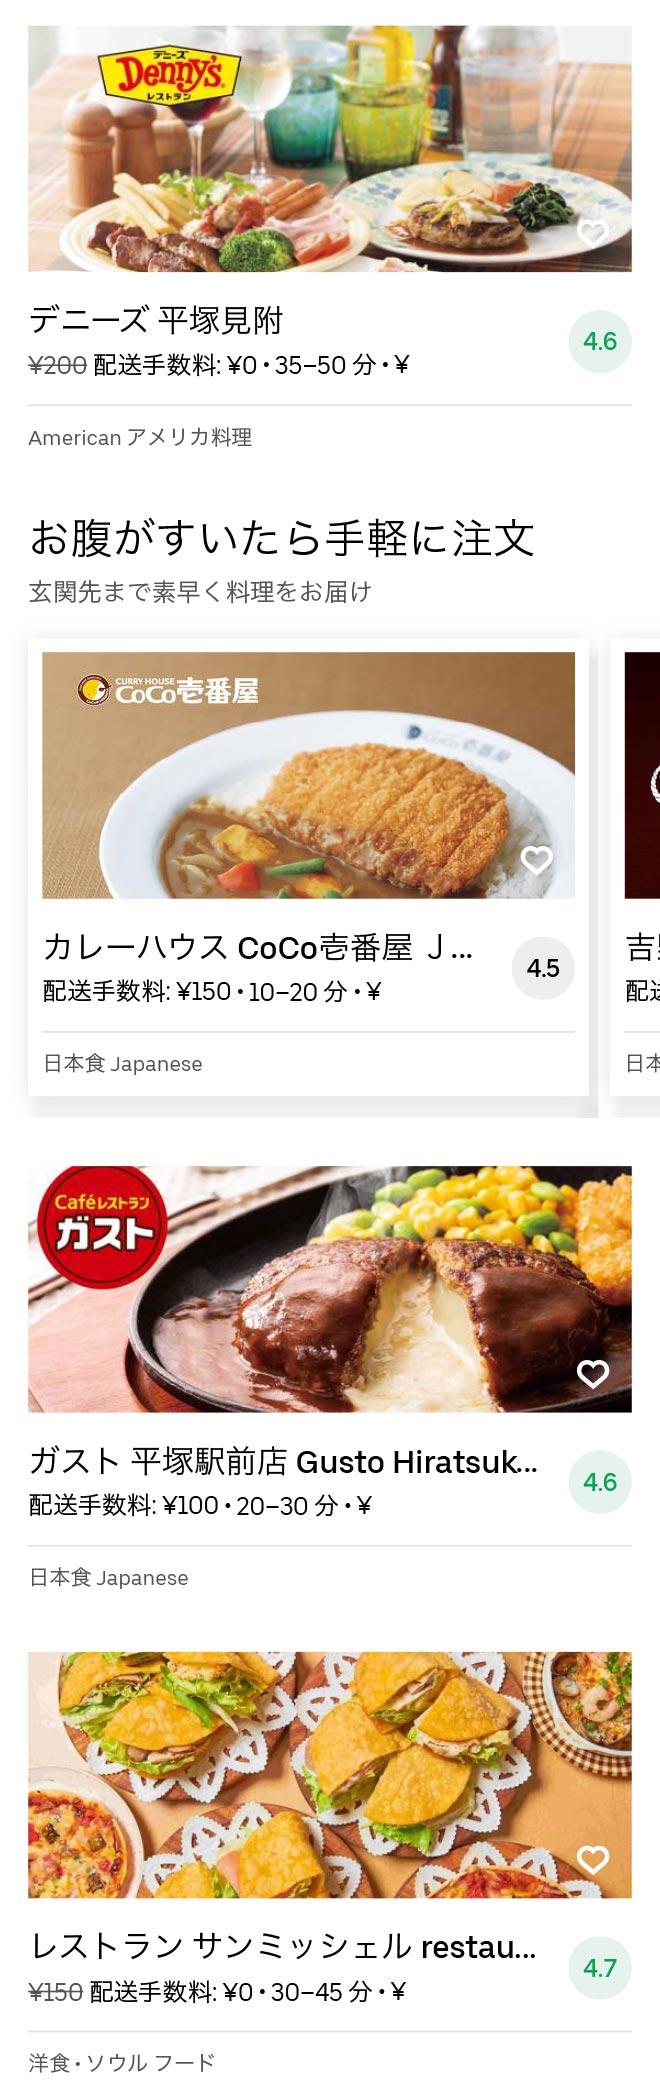 Hiratsuka menu 2008 03